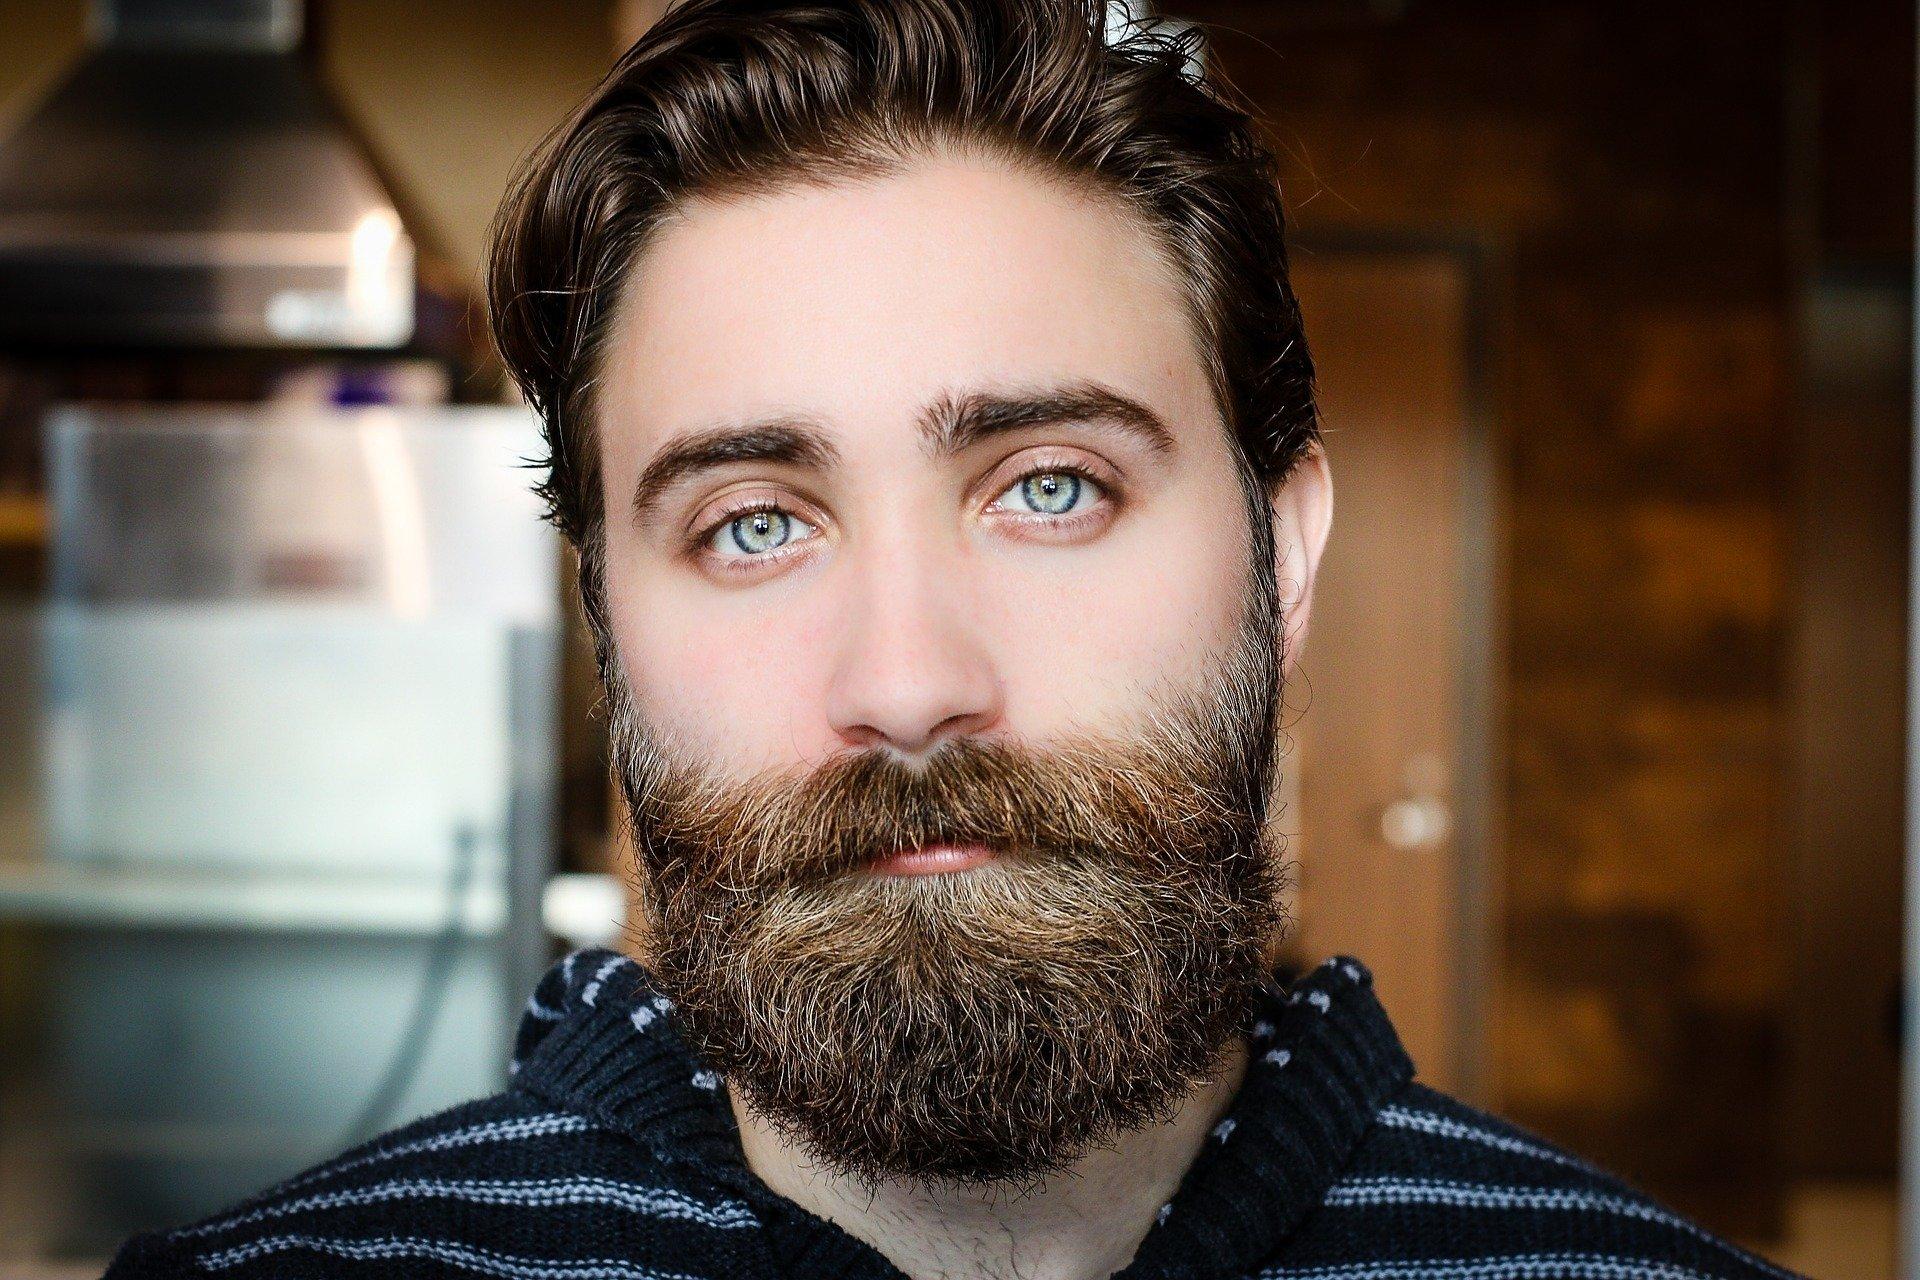 A beard, designer stubble, a mustache, or a clean-shaven face?